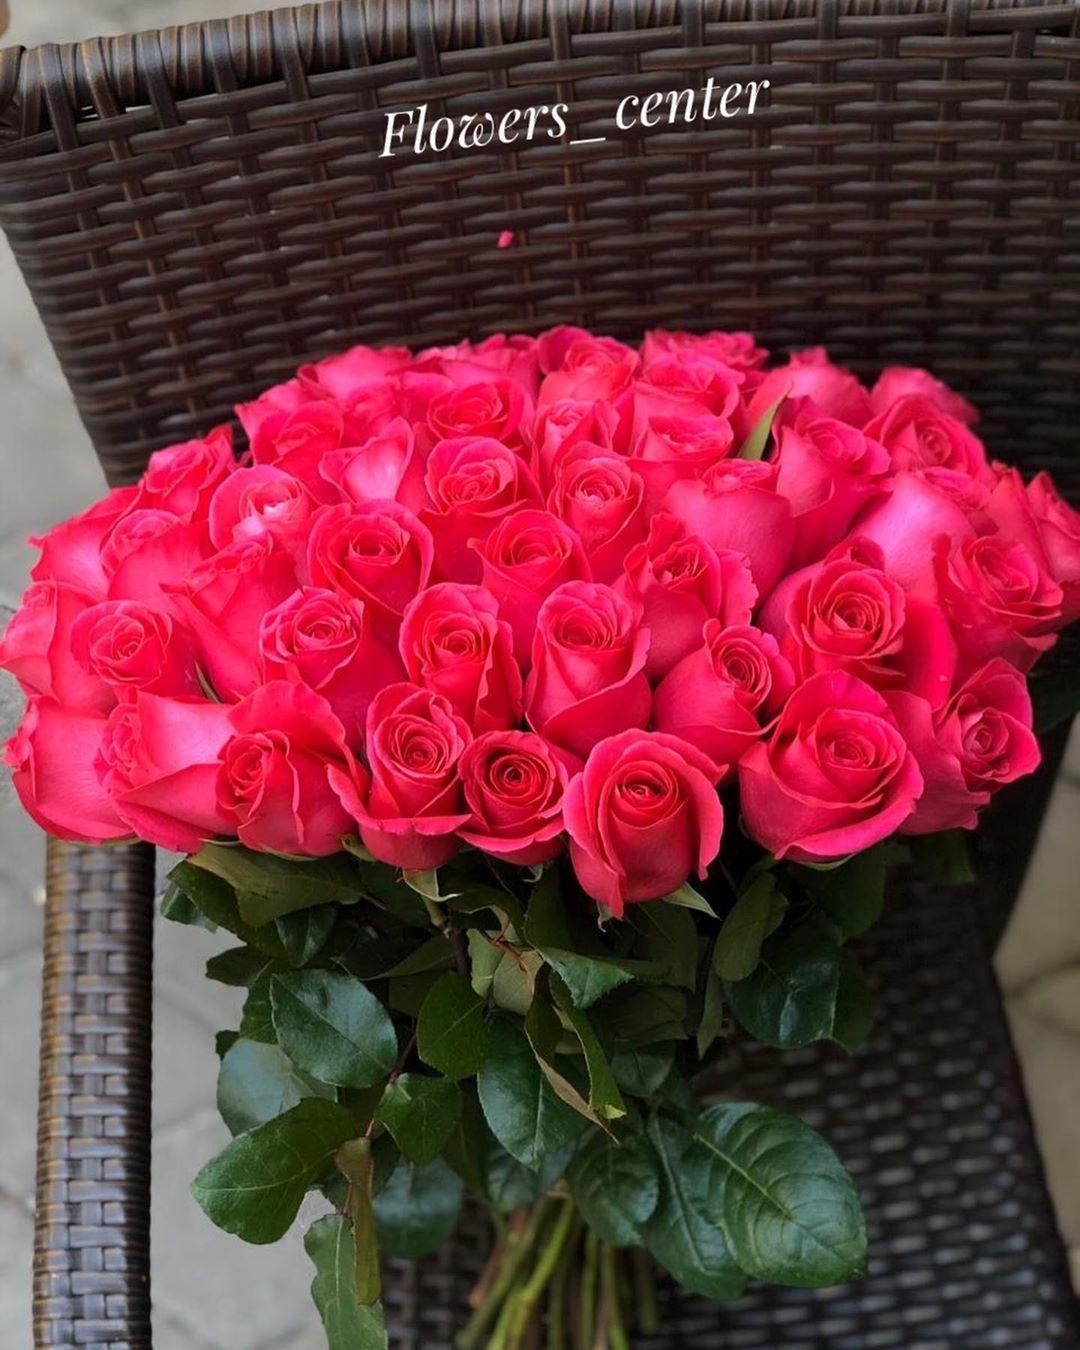 Cvety Almaty On Instagram Voskresnye Evropejskie Bukety Samye Krasivye I Luchshie Na Segodnya Svezhie Rozy I Pionovidnye Kustovye Flowers Plants Rose